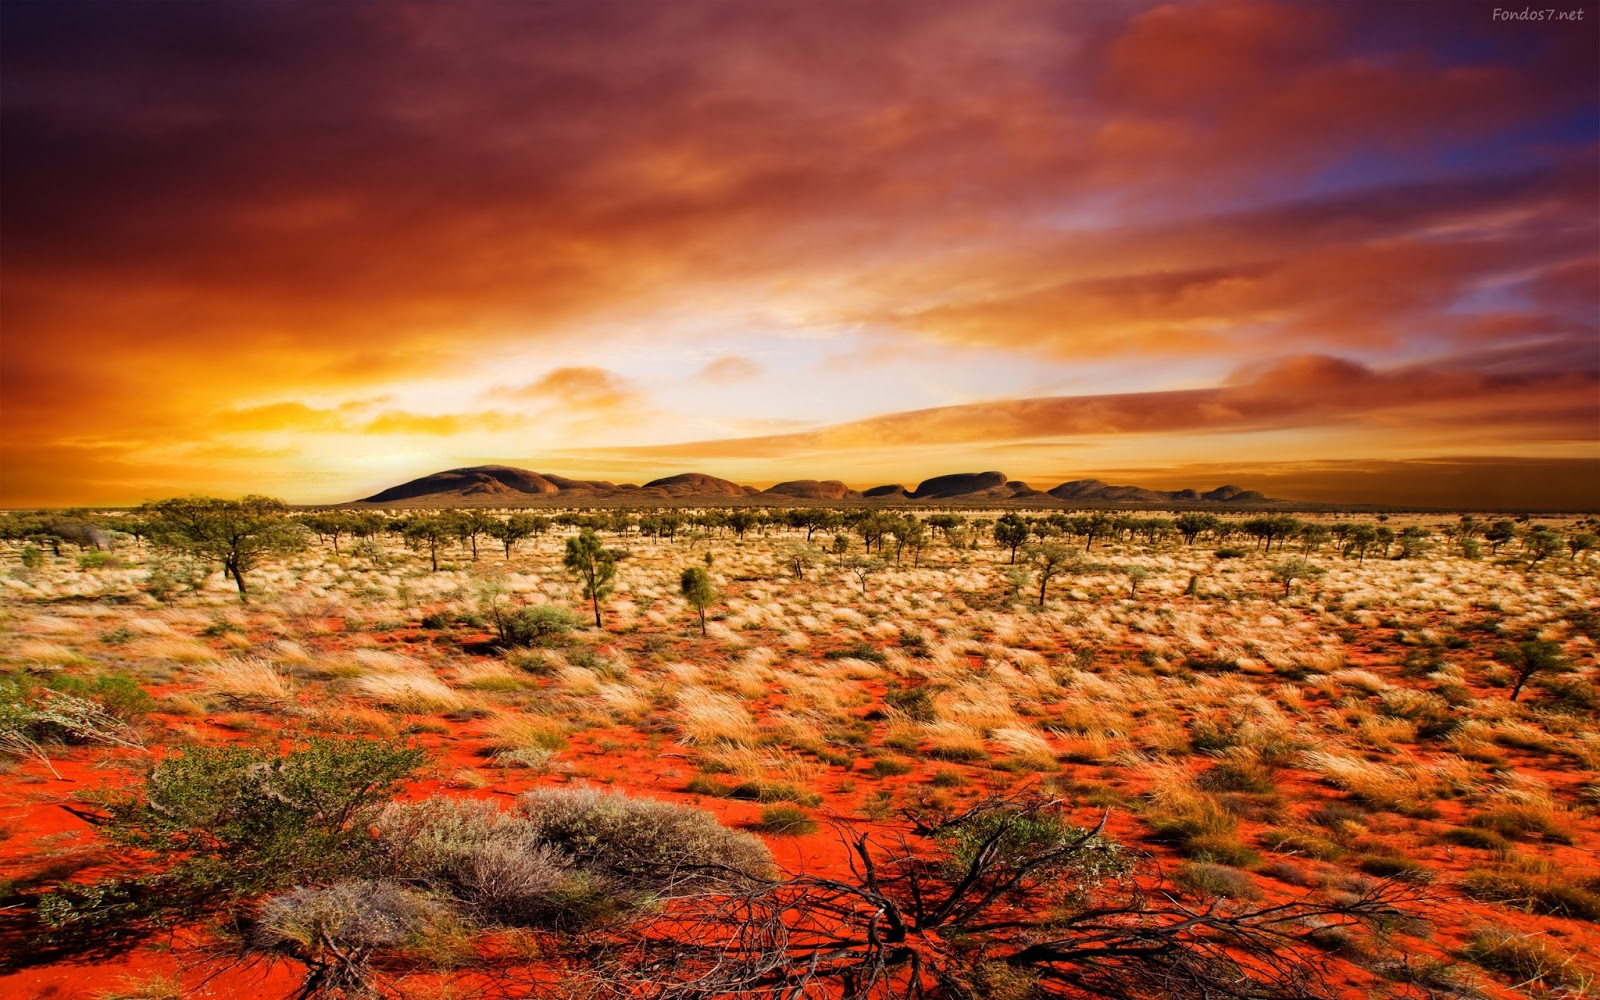 Seiya(Kenshin) vs  Jyu Viole (TheHooded) EN EL DESIERTO  Atardecer+en+el+desierto